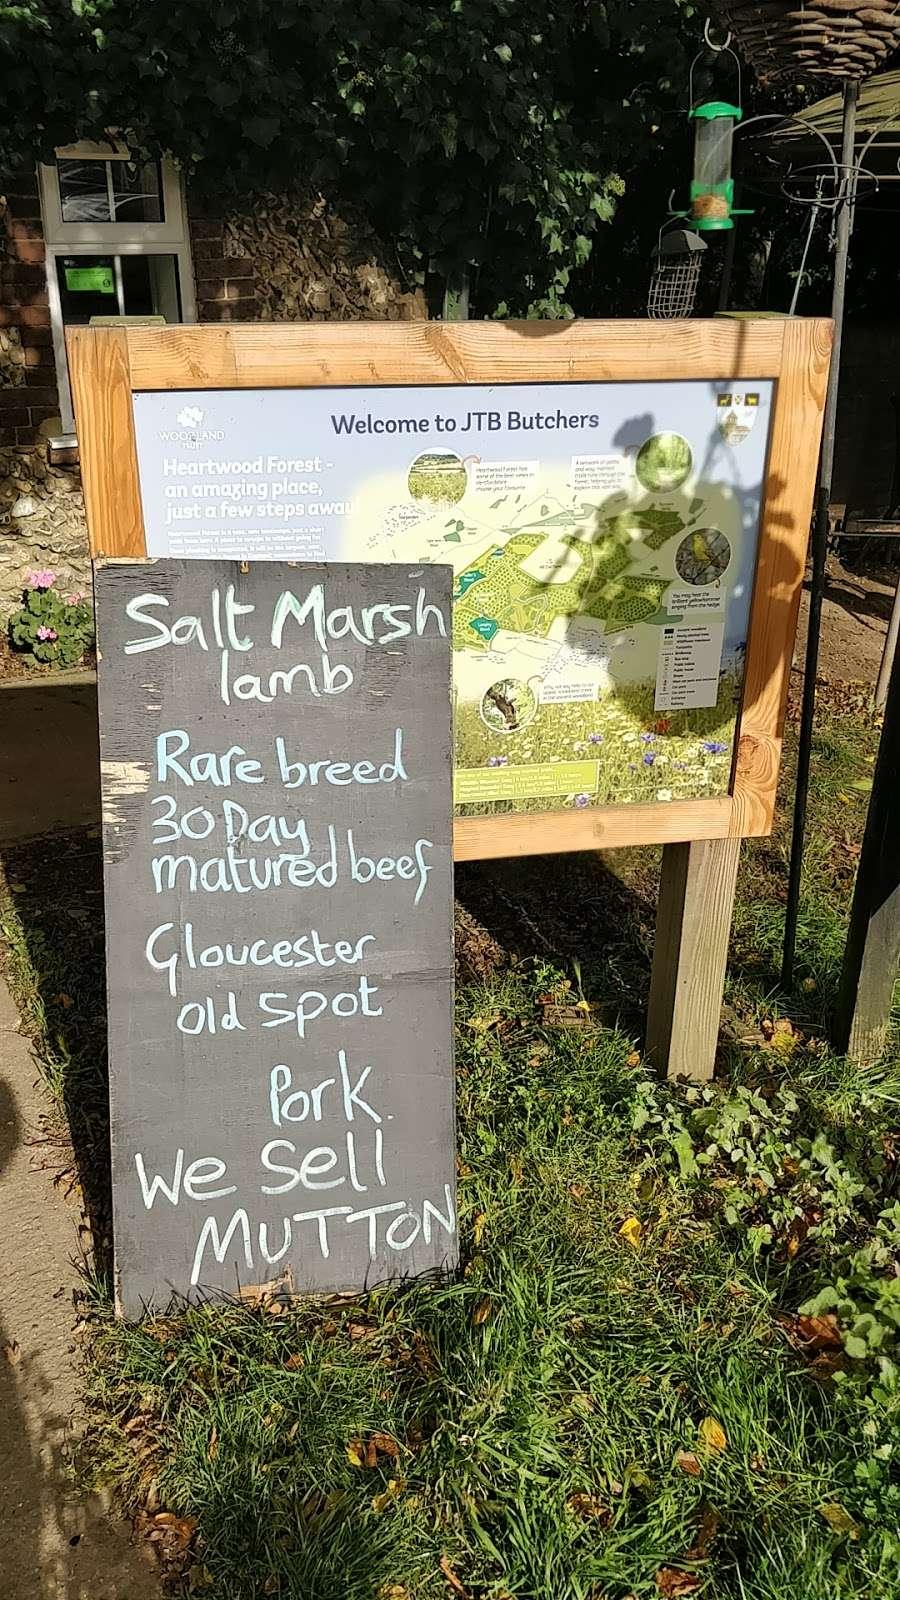 J T B Butchers - store  | Photo 4 of 4 | Address: Sandridgebury Ln, Sandridgebury Farm, St Albans AL3 6JB, UK | Phone: 01727 852152